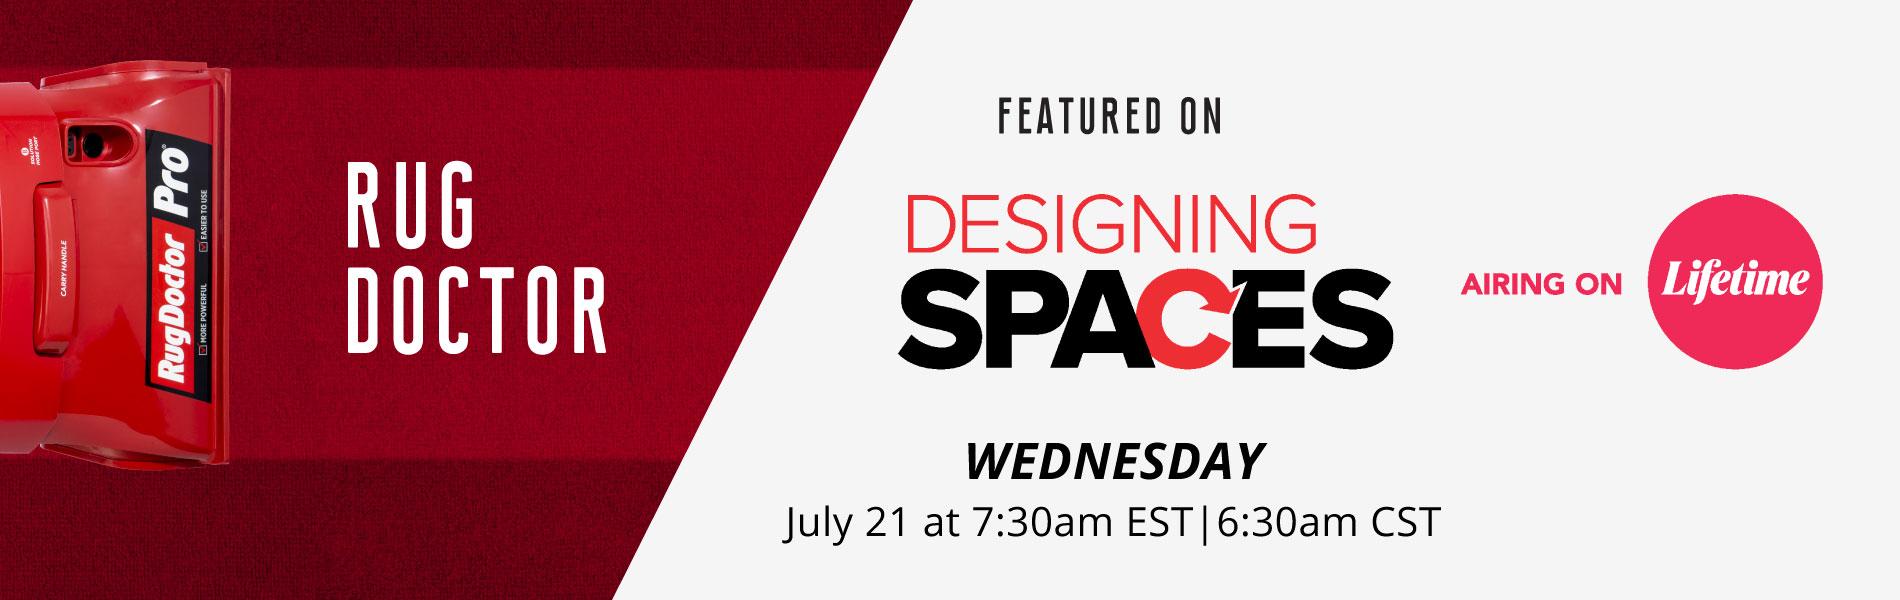 desiging spaces blog update - Designing Spaces